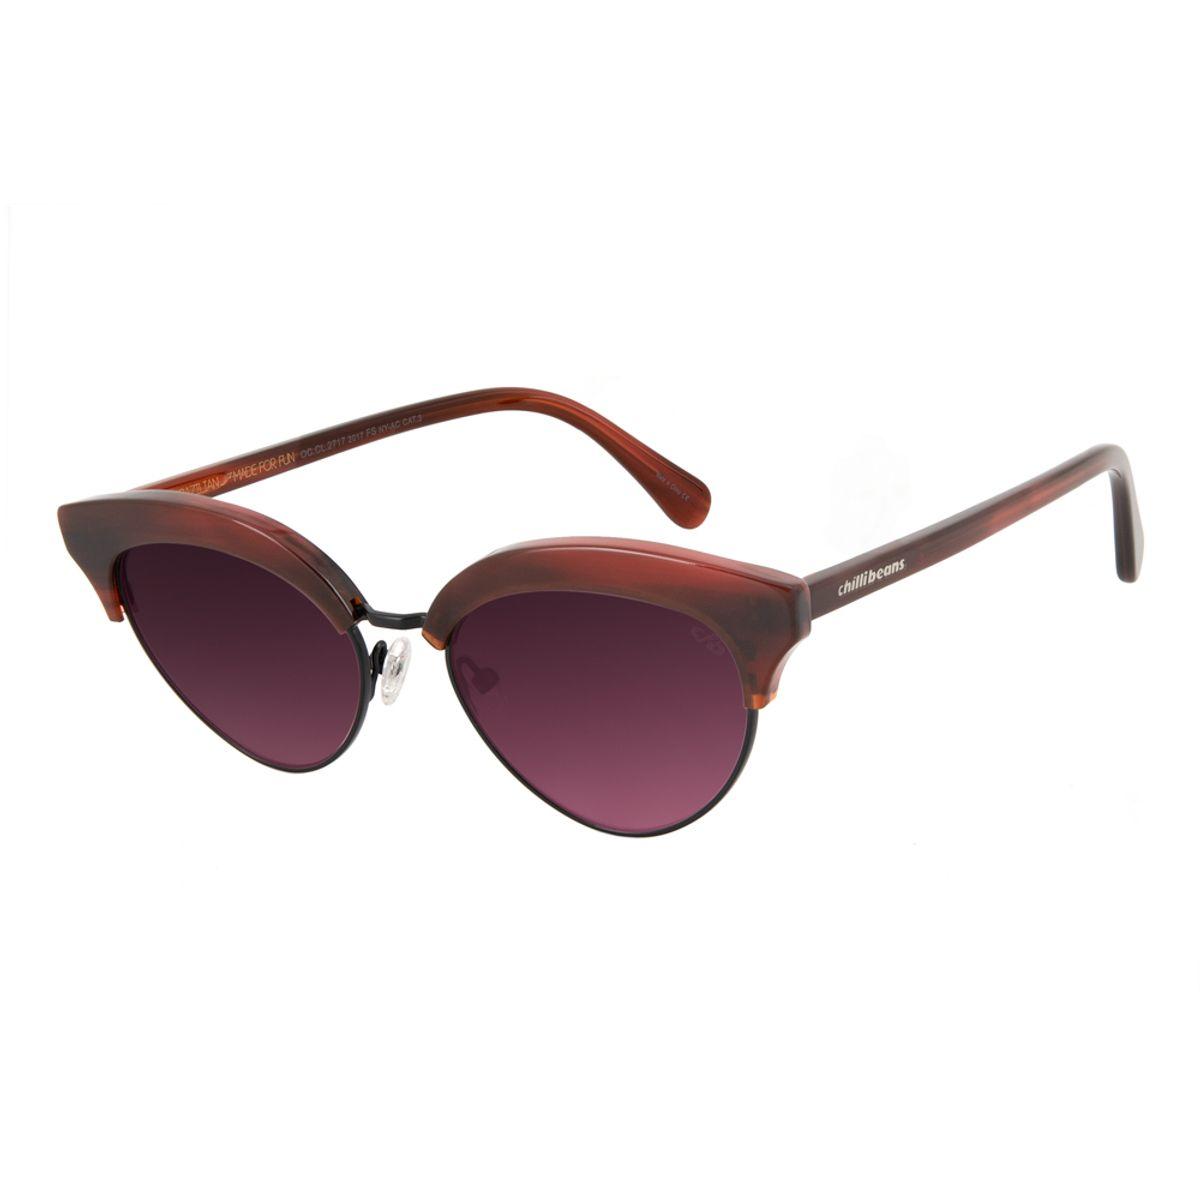 dae10a150 Óculos de Sol Feminino Chilli Beans Gatinho Vinho 2717 - Chilli Beans